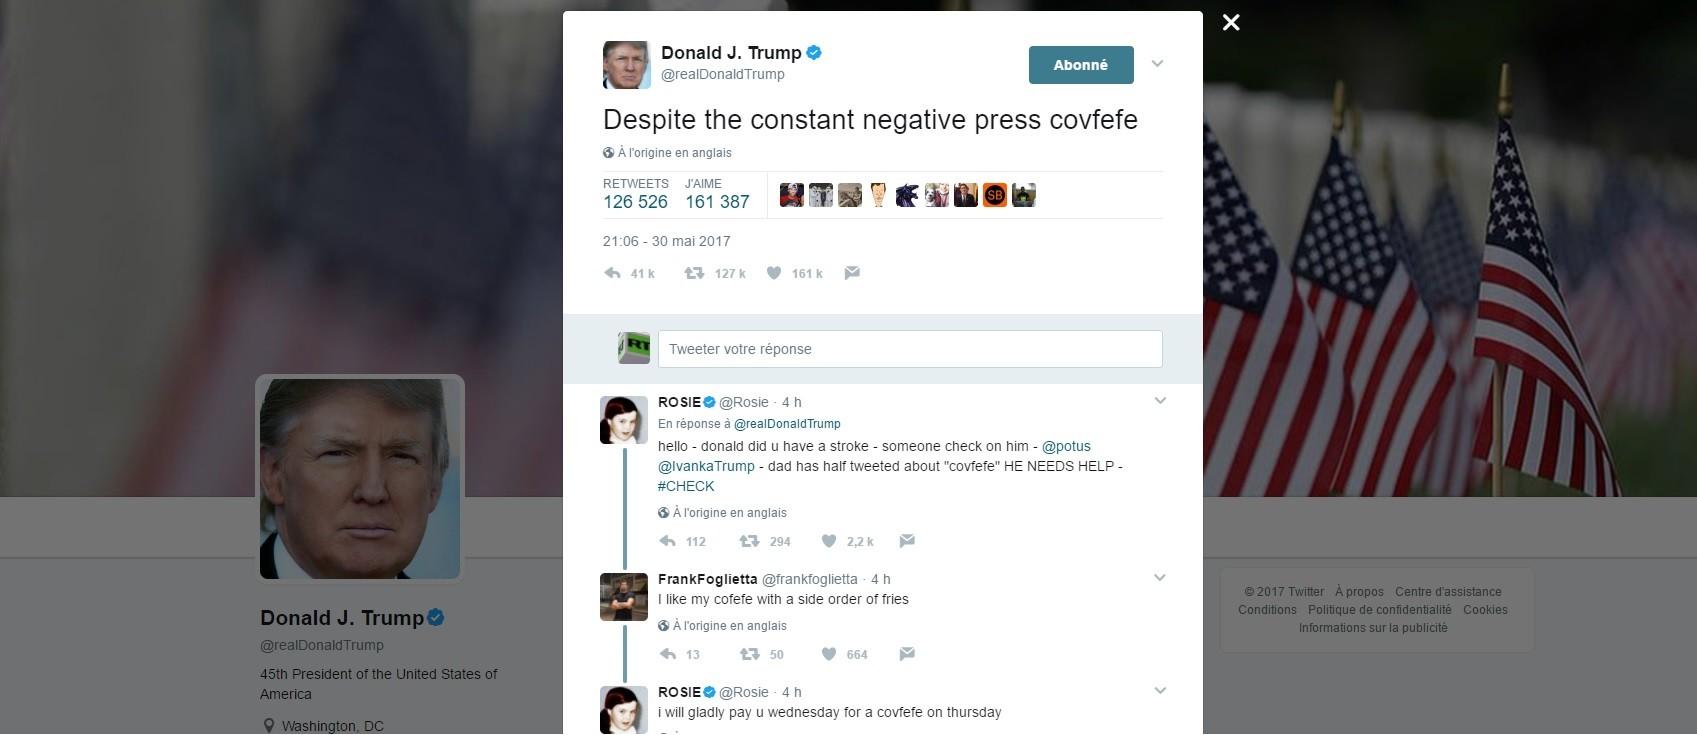 «Covfefe» : Donald Trump invente un nouveau mot, Twitter explose et se pique de linguistique